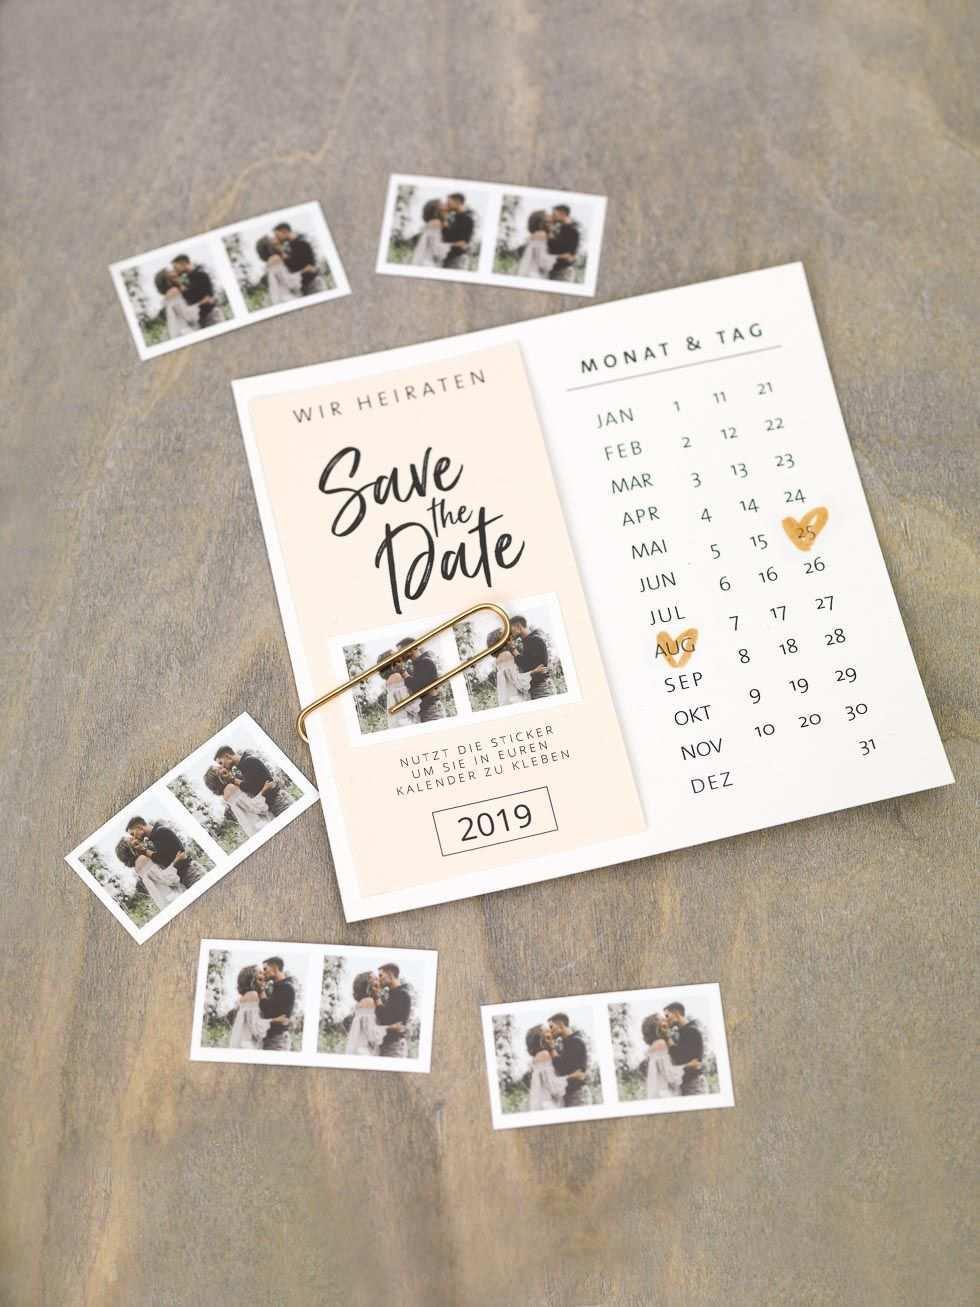 15 Save The Date Diy Vorlagen Fur Eure Hochzeit Karte Hochzeit Hochzeitseinladung Einladungskarten Hochzeit Selber Machen